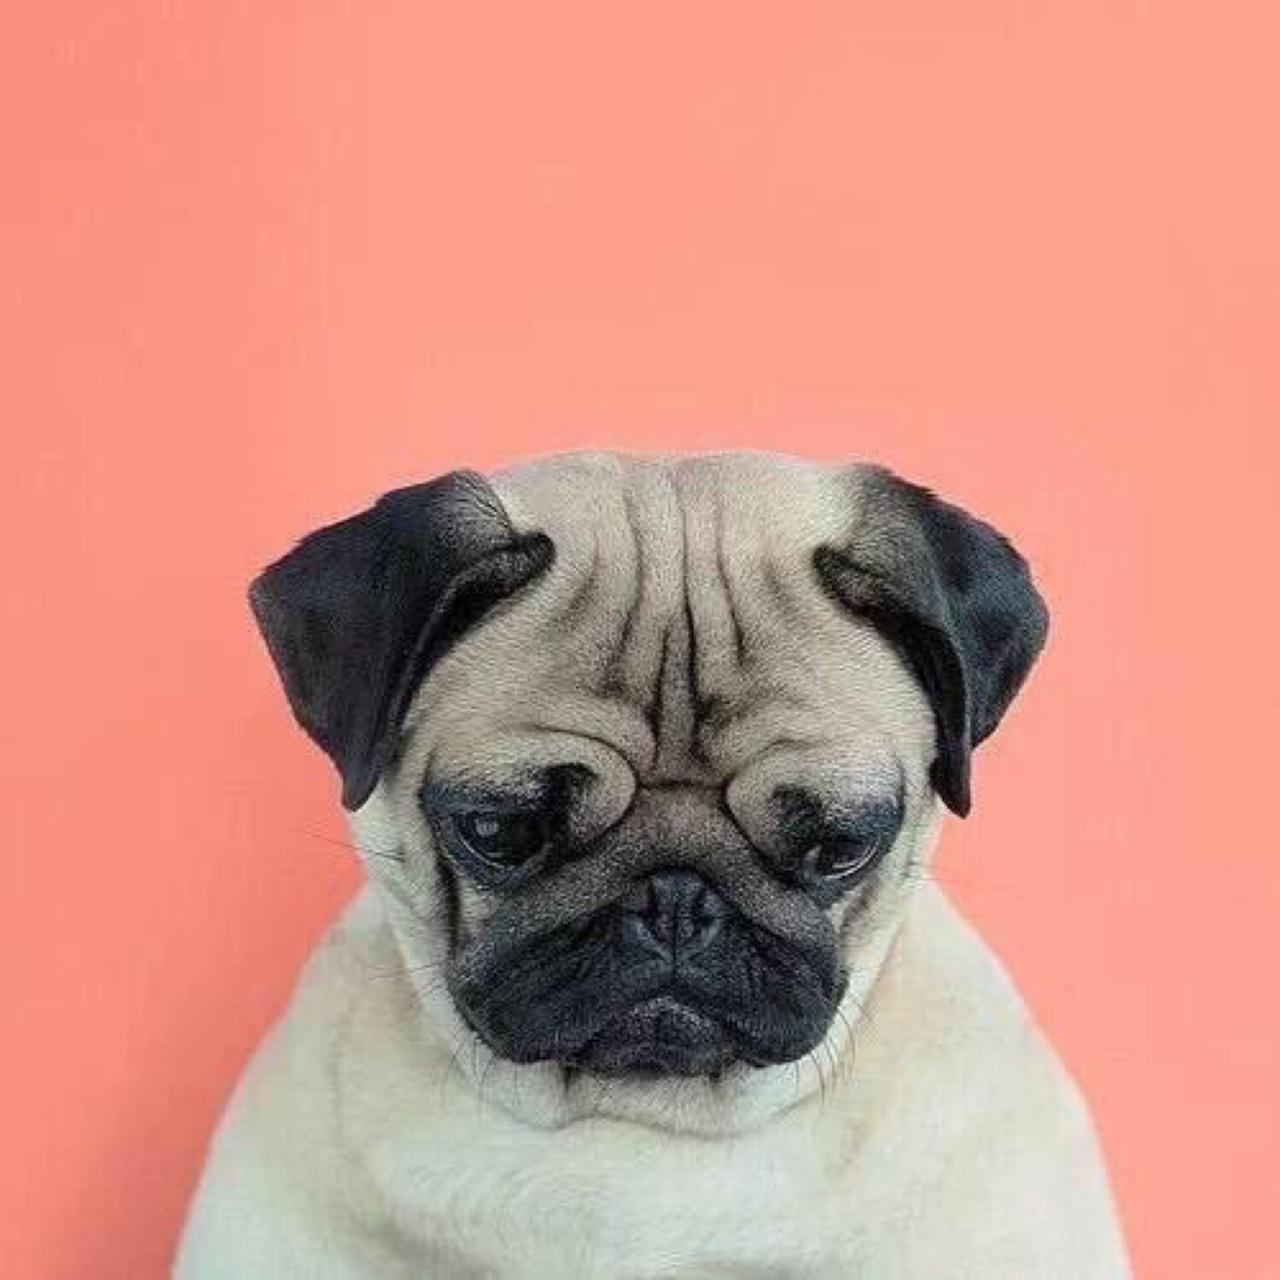 狗狗也照二寸照